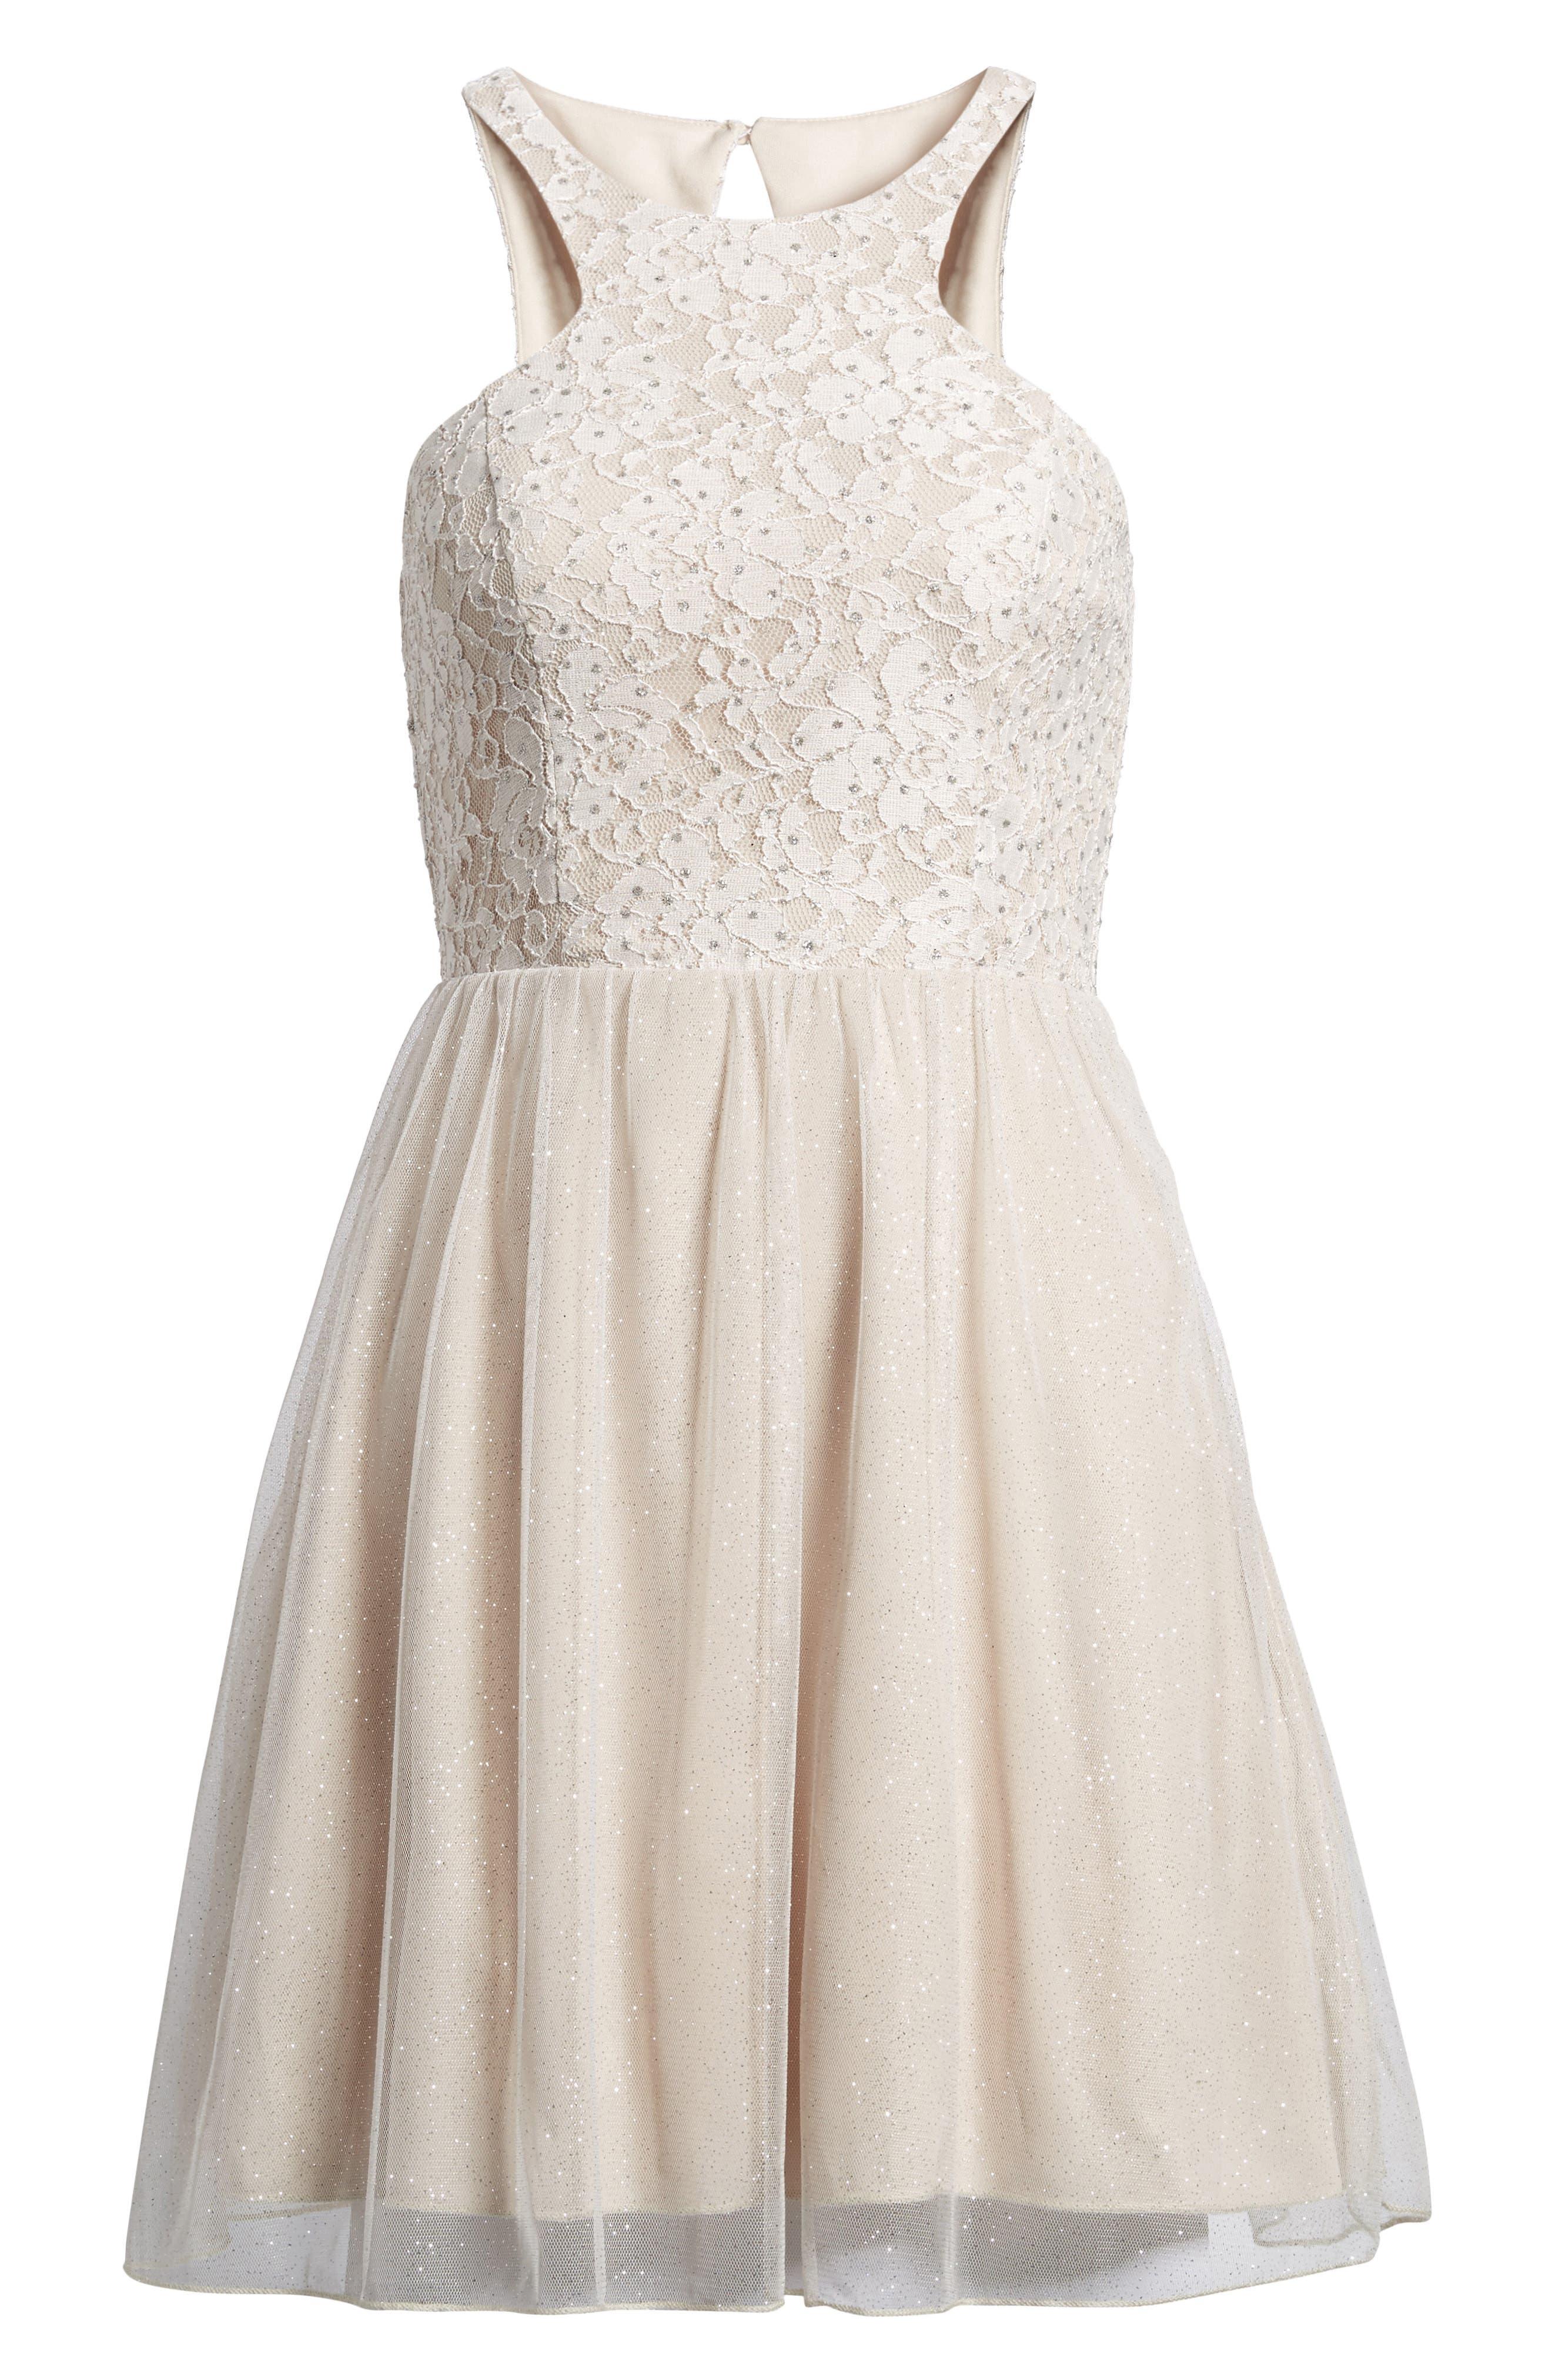 Glitter Tulle Dress,                             Alternate thumbnail 7, color,                             681